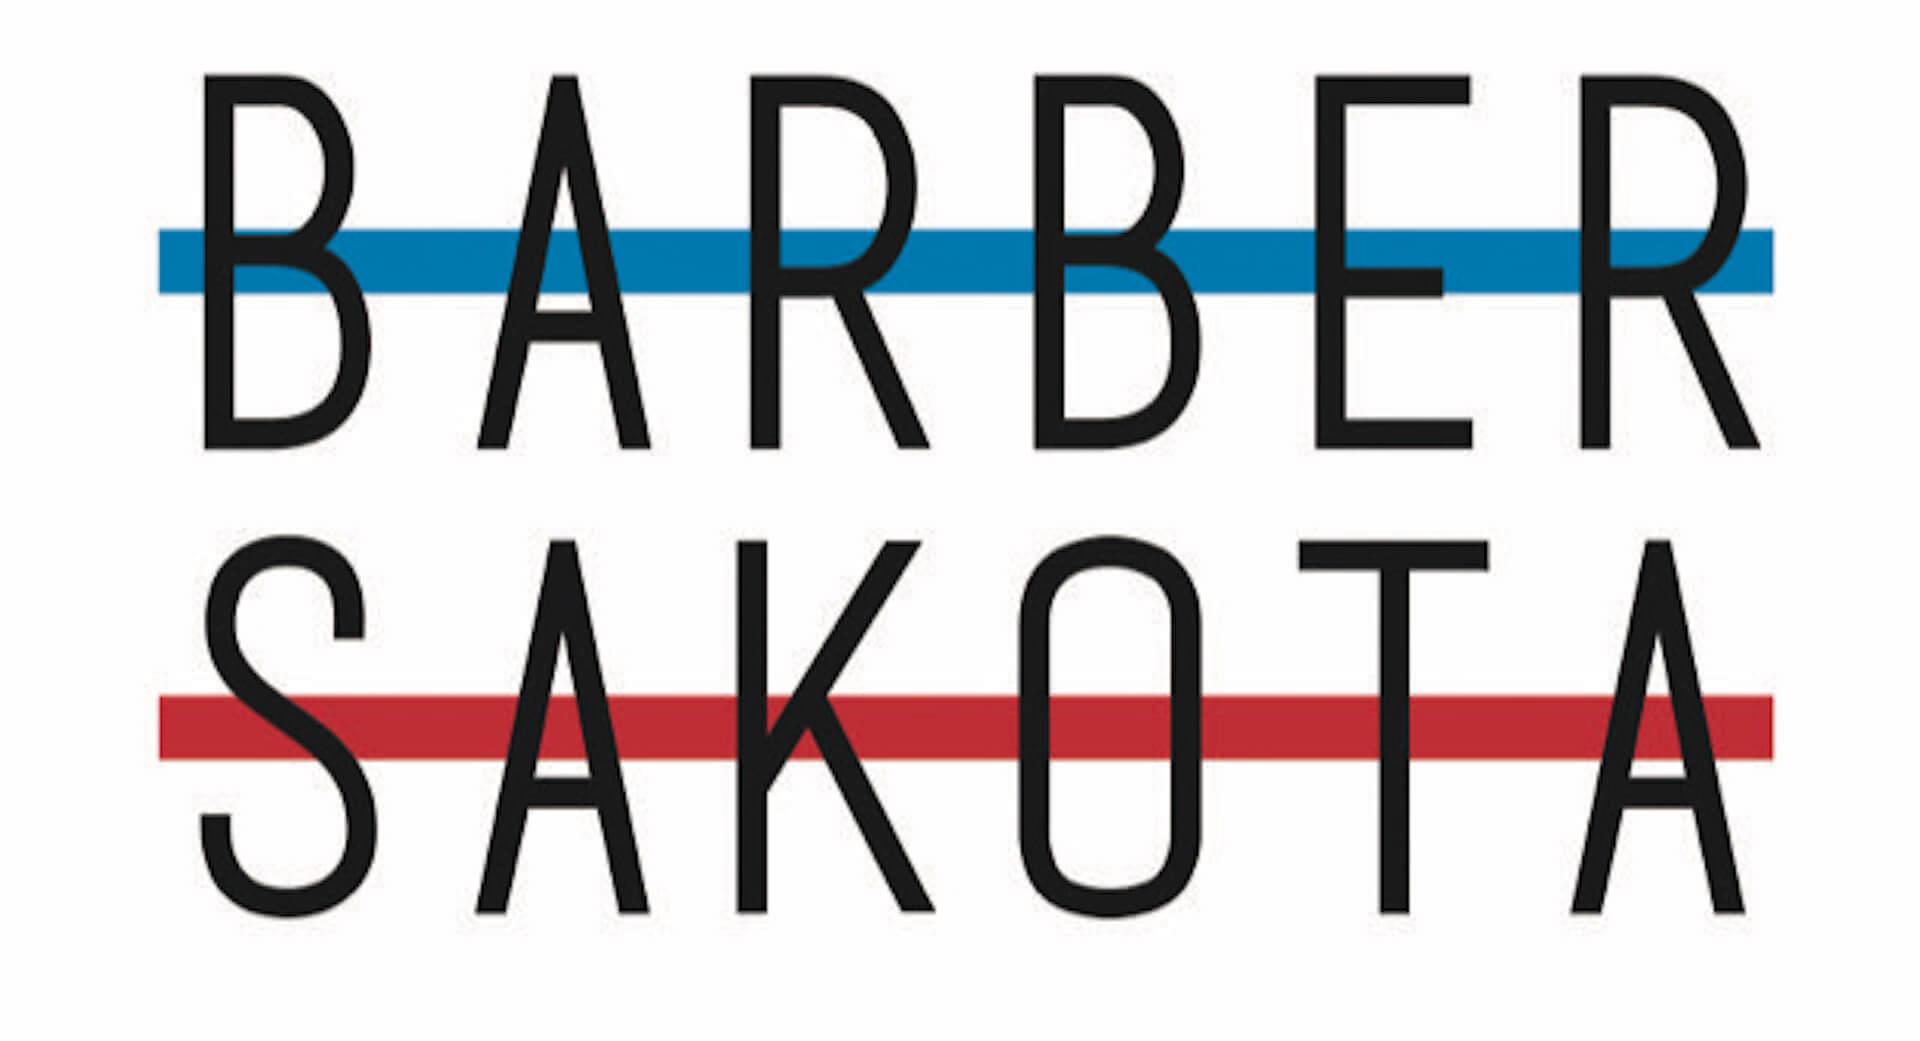 BARBER SAKOTAと総合刃物メーカー貝印がコラボ!世界初のスタイリッシュな『紙カミソリ(TM)』が誕生 Fation210610_barbarsakota3